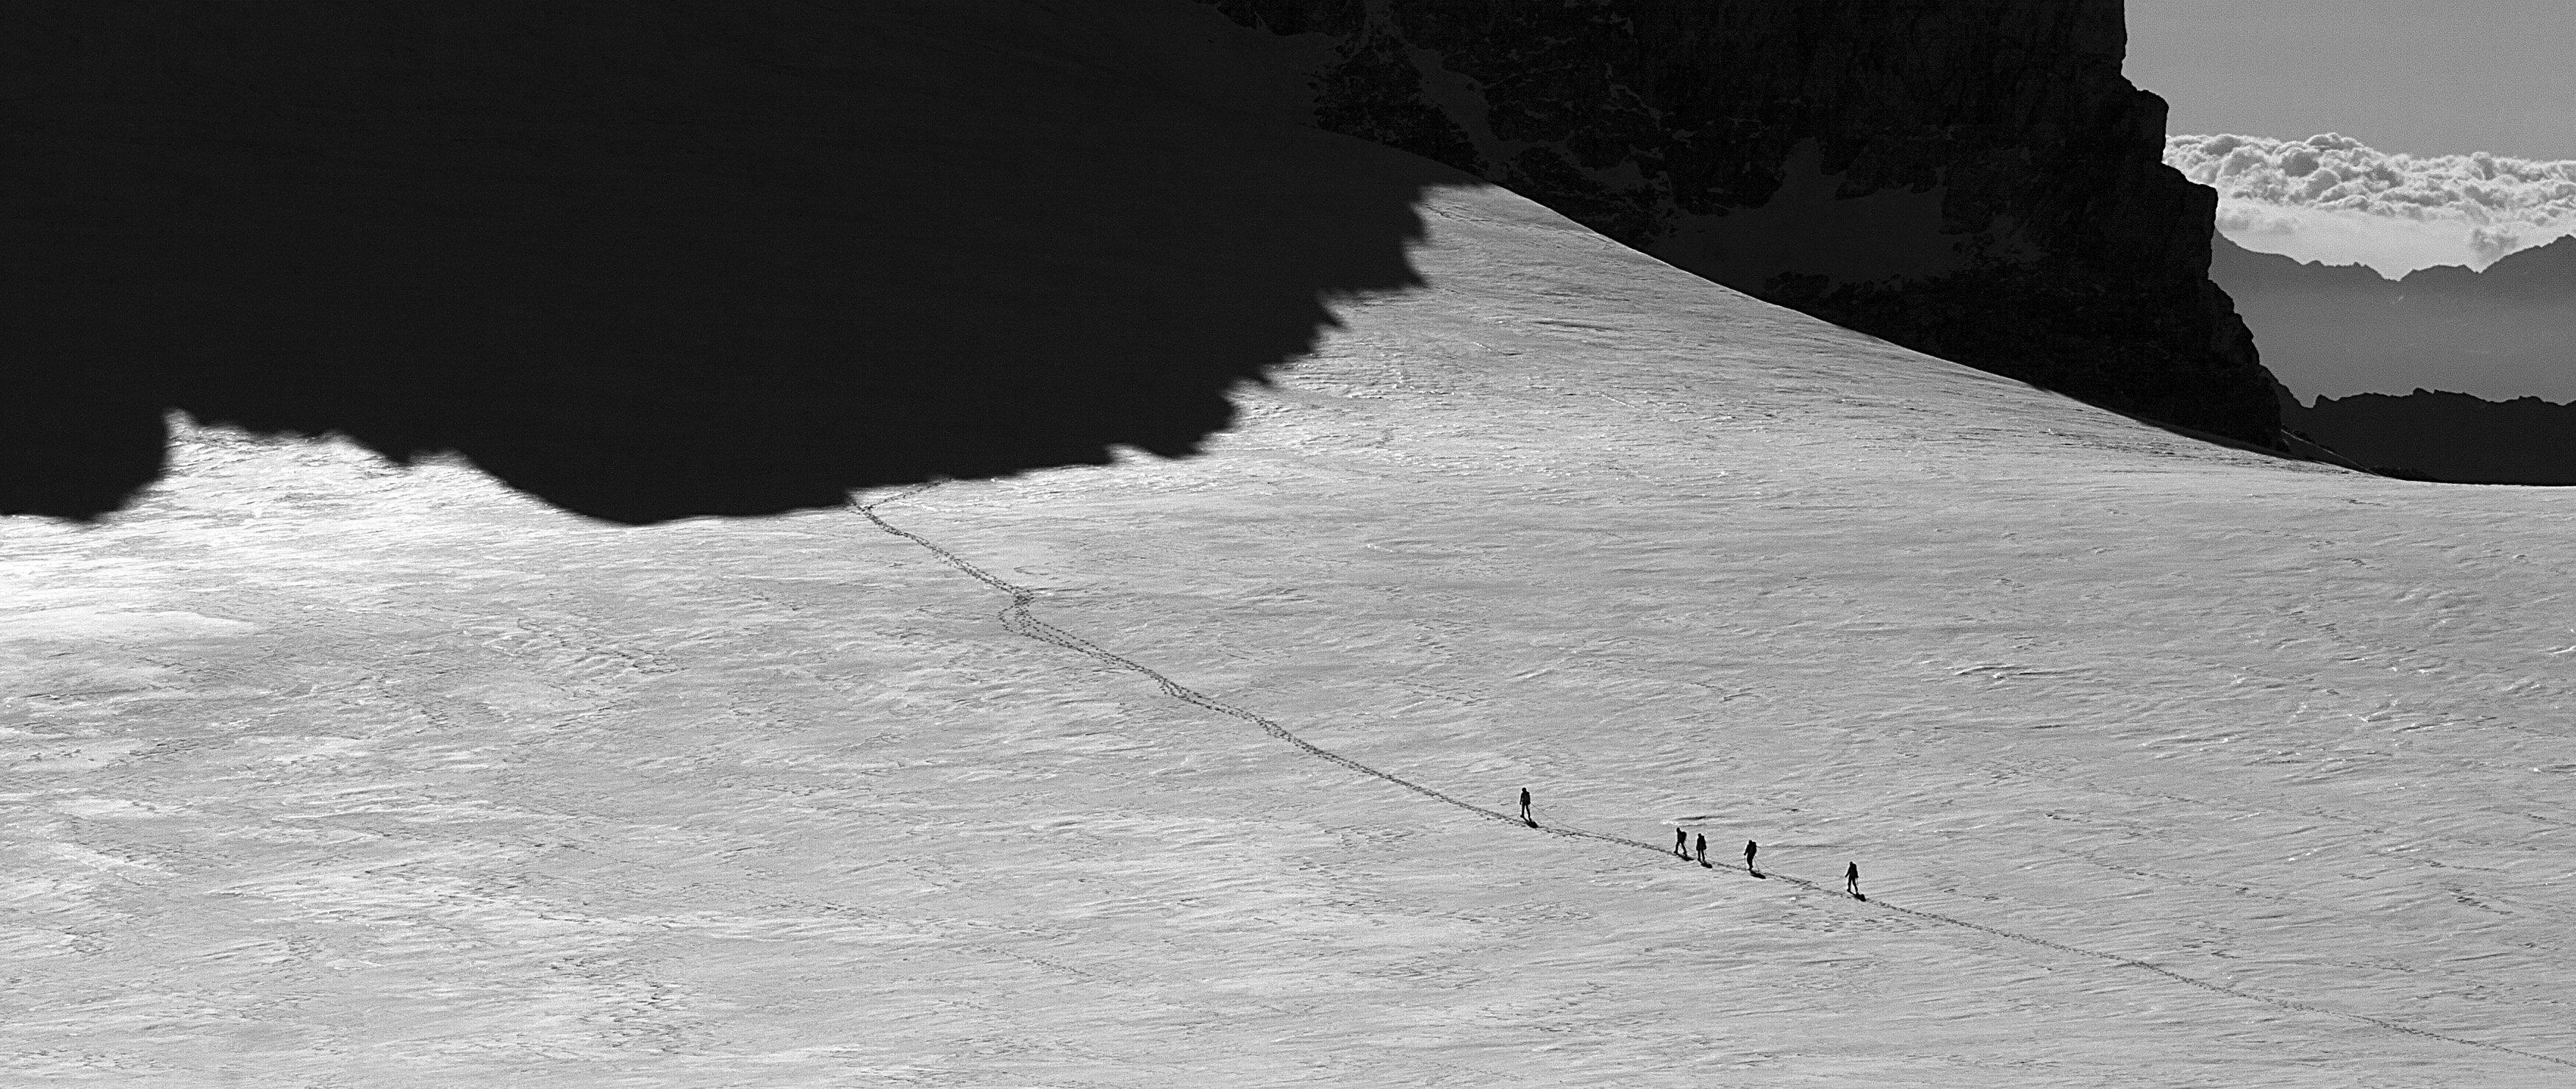 Cordate - Mostra fotografica di Luca Barban